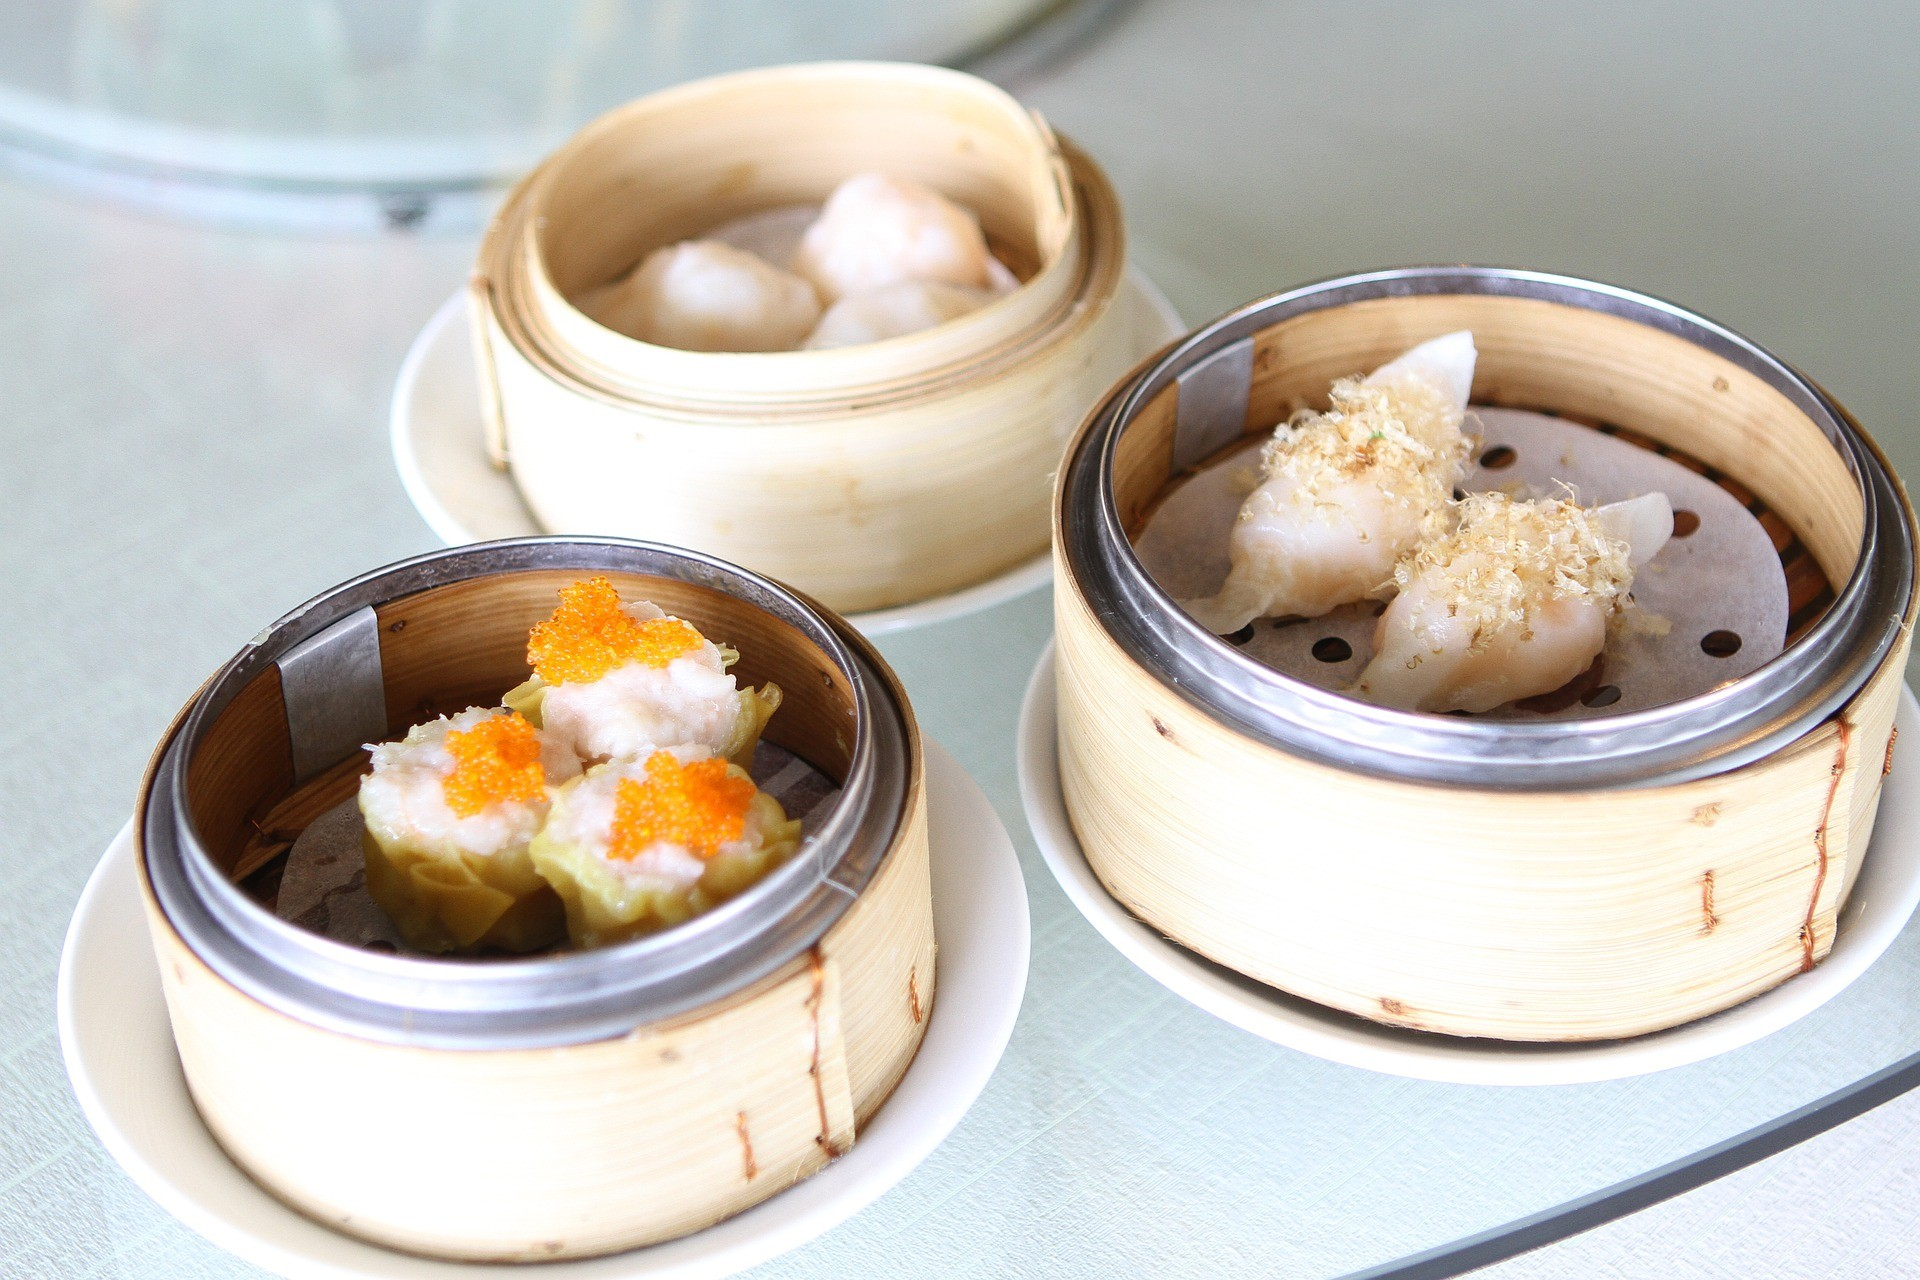 小籠包 中華 食事